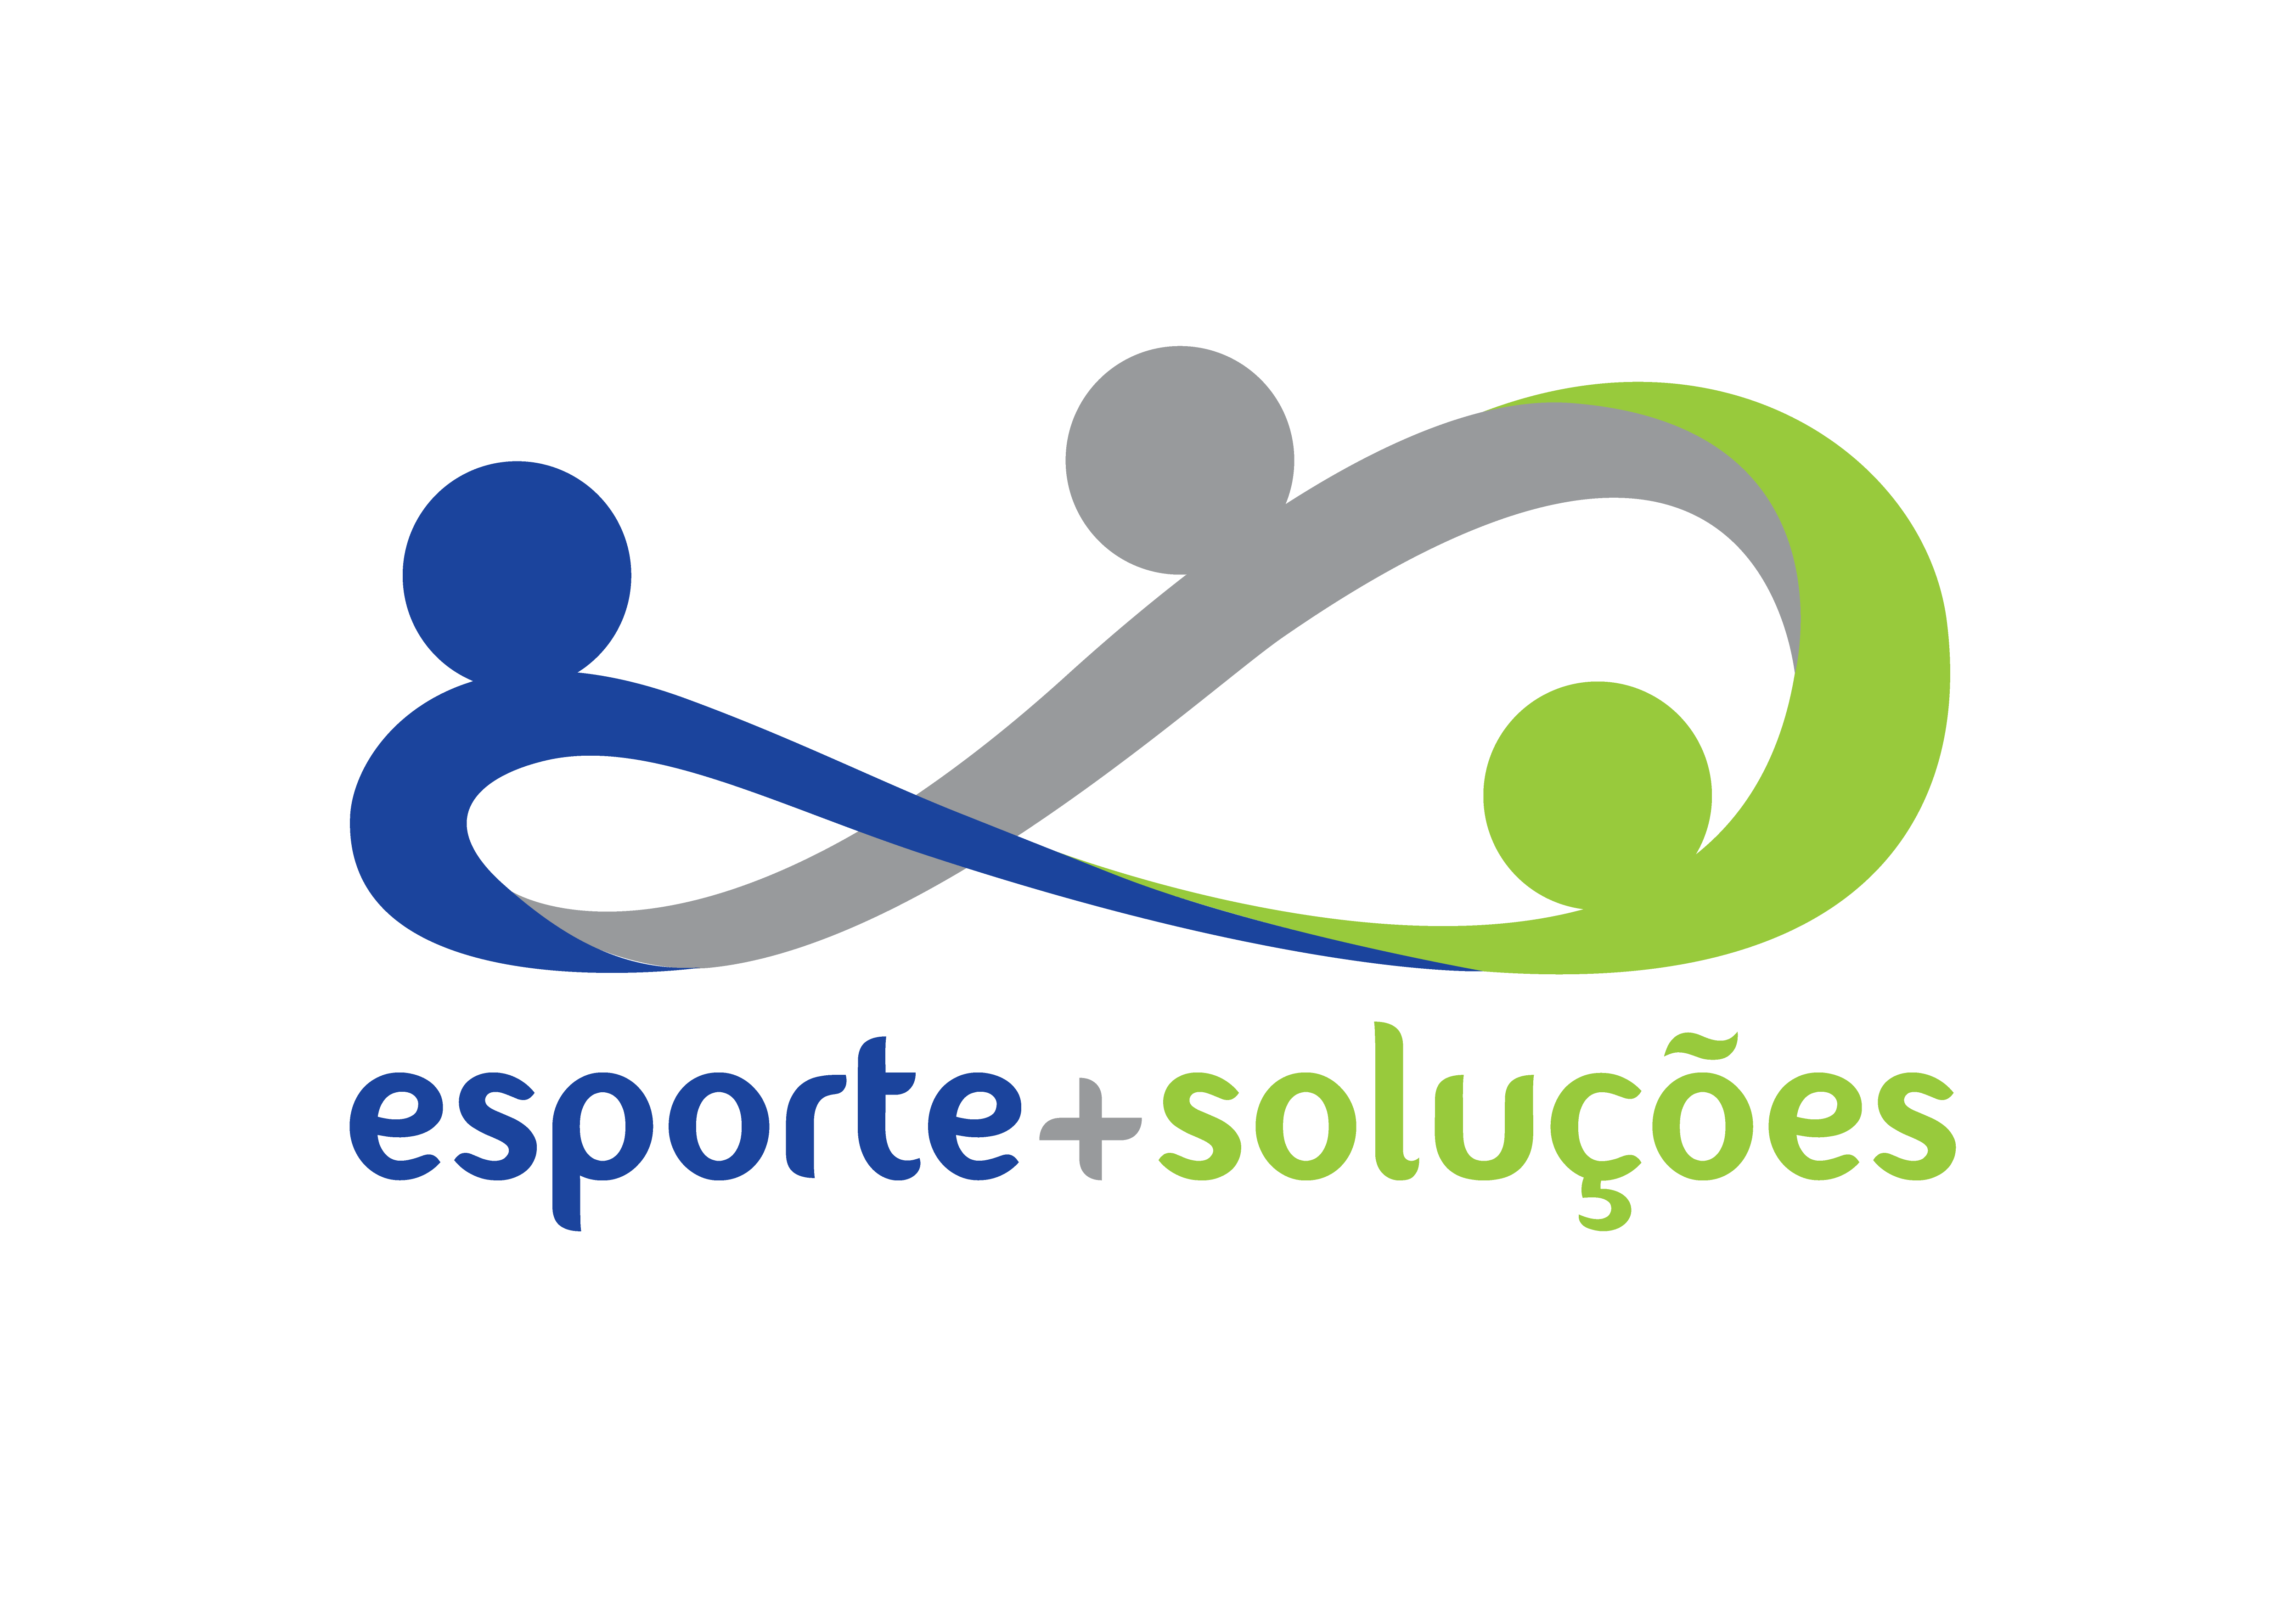 Esporte + Soluções